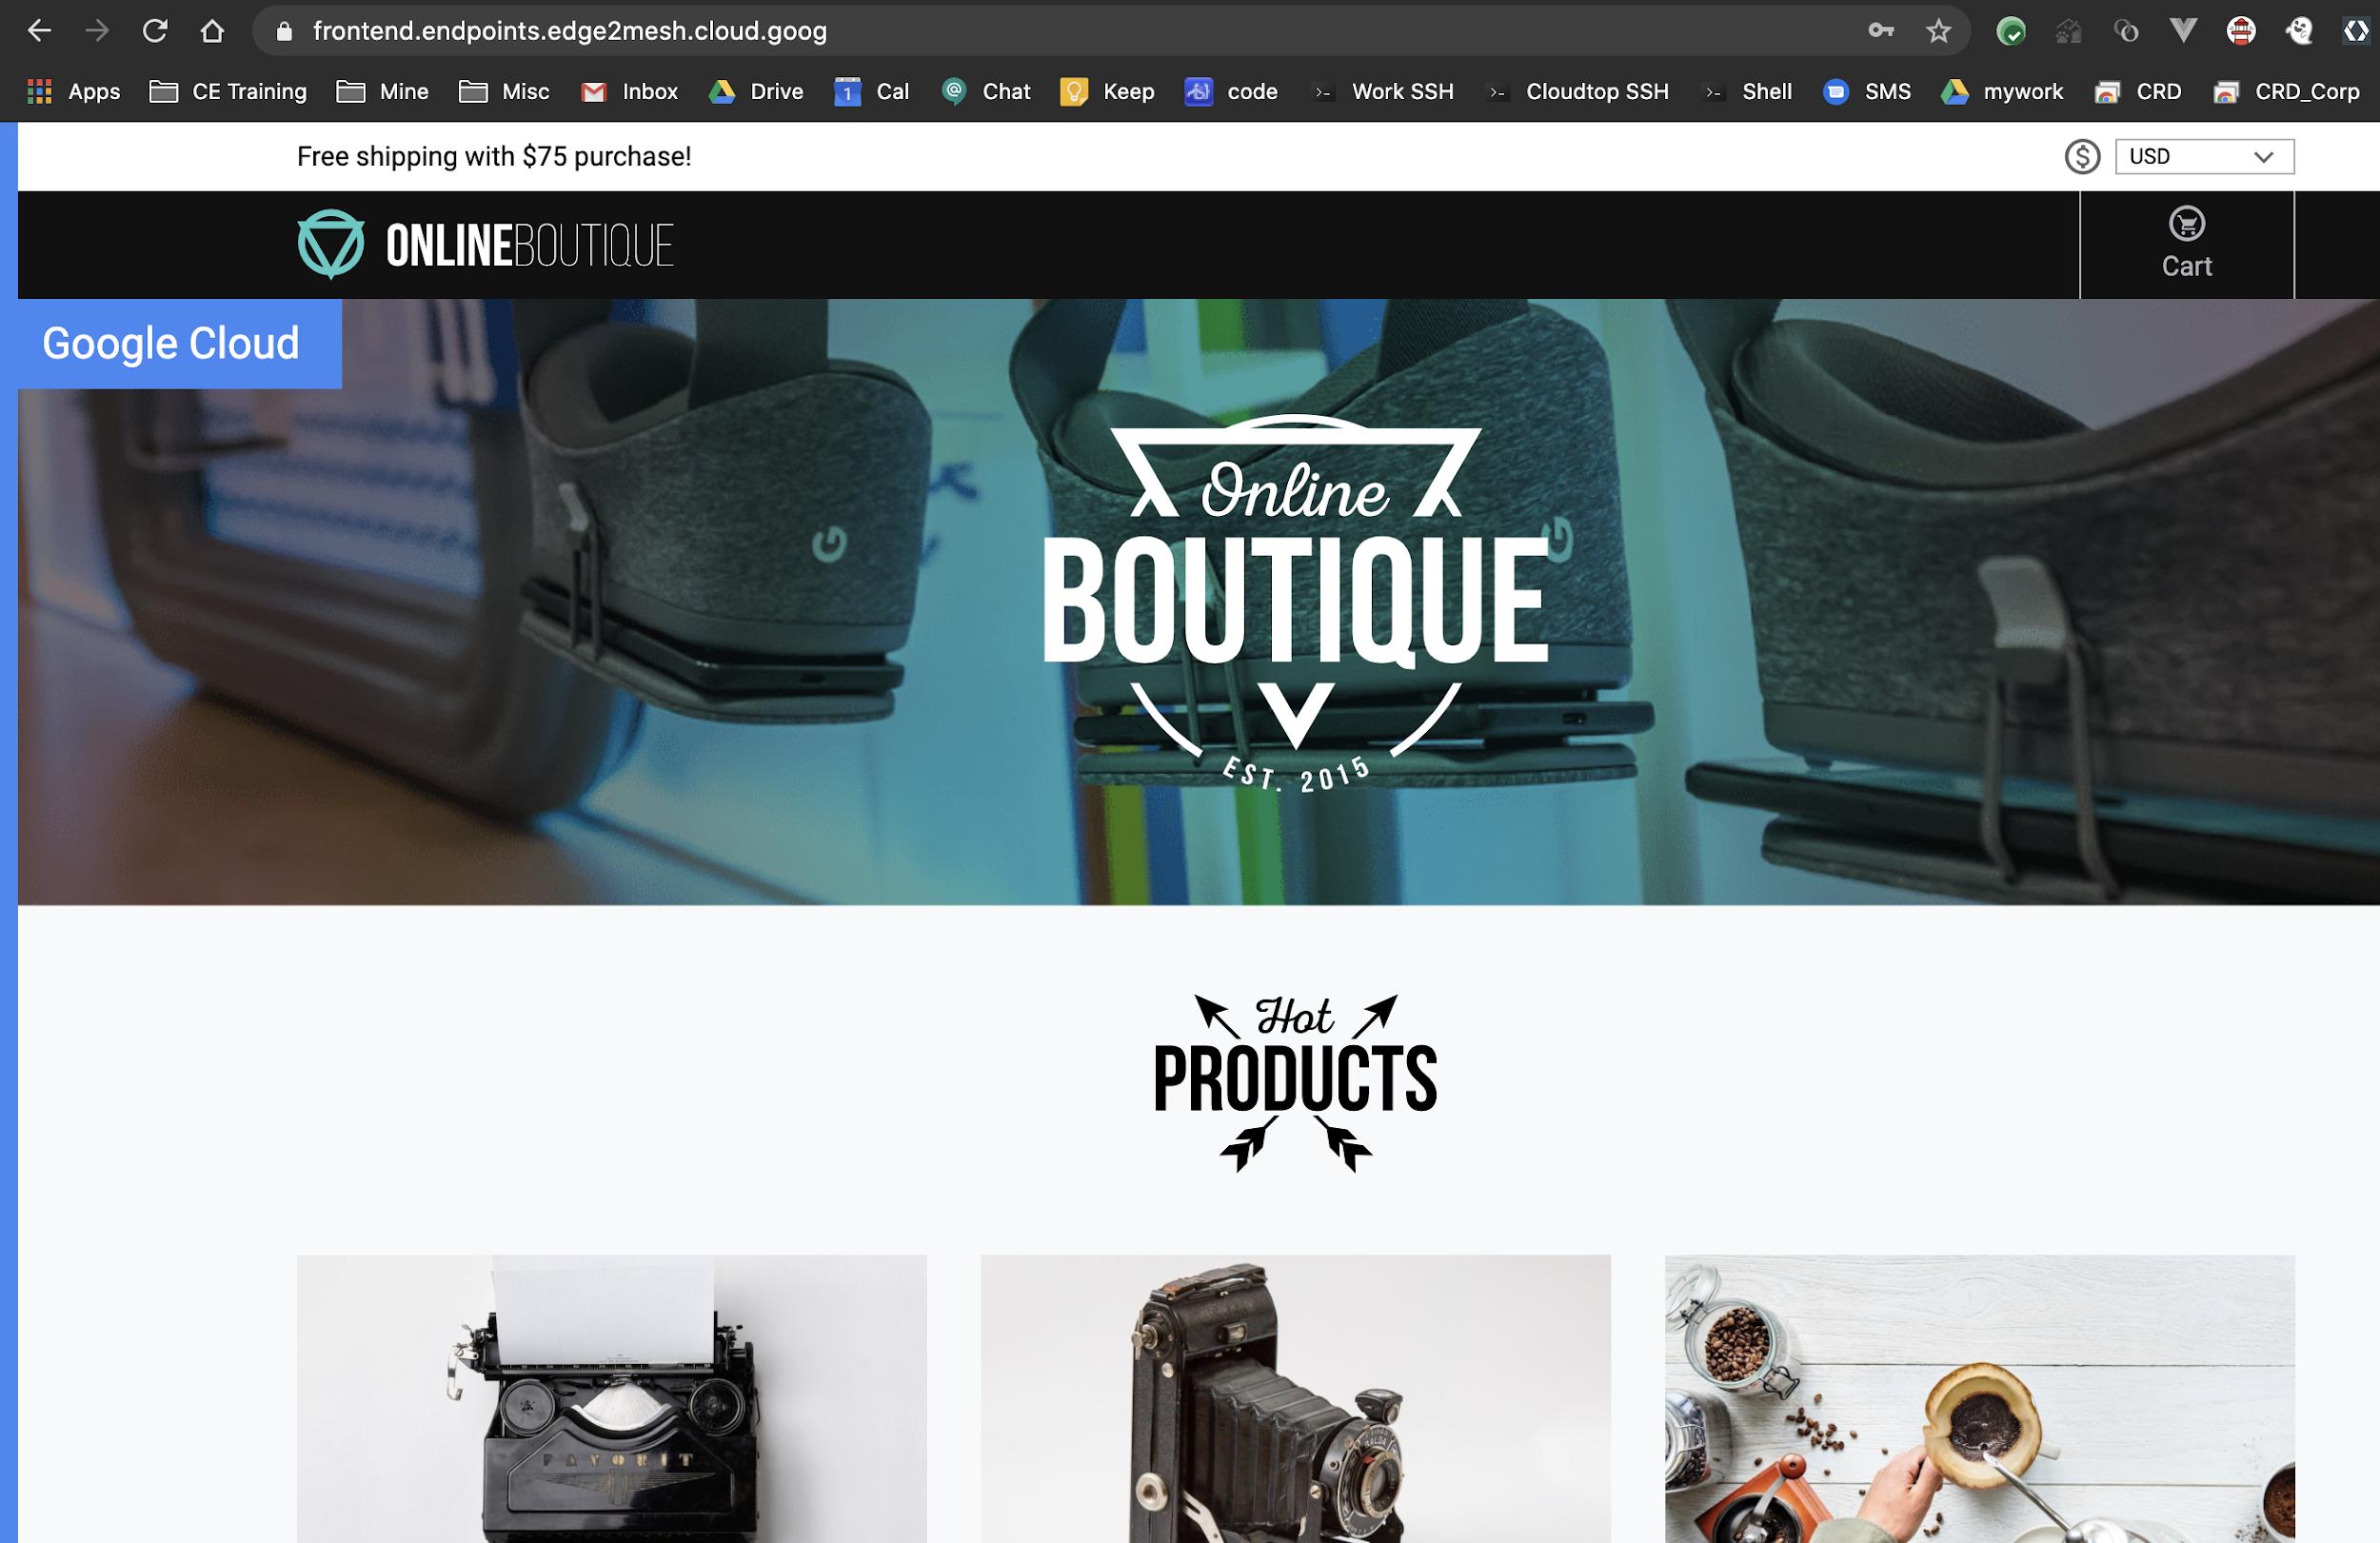 Produits affichés sur la page d'accueil de la boutique en ligne.